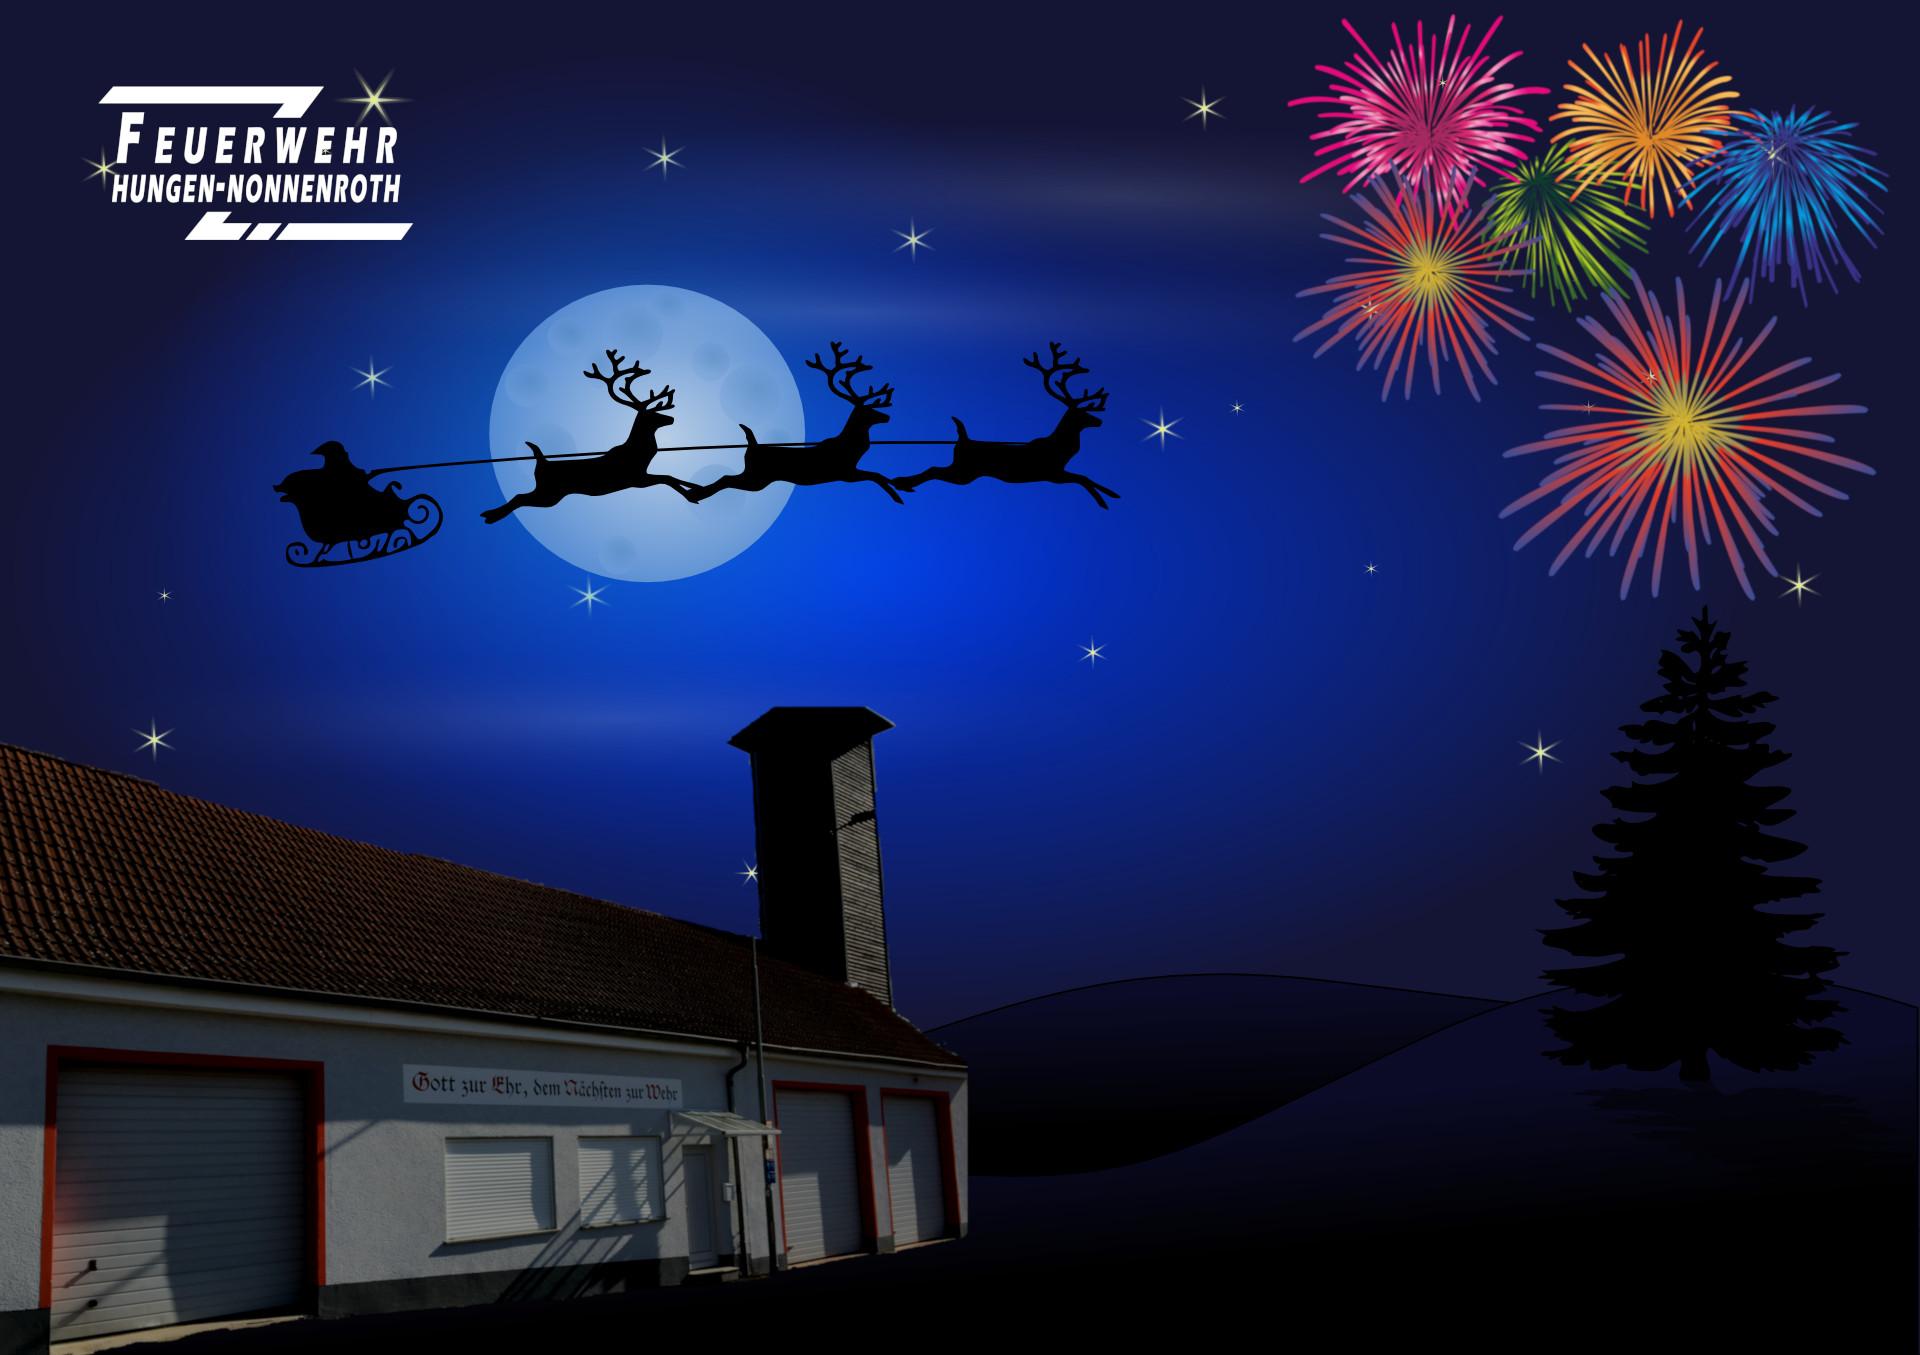 Frohe Weihnachten und ein guten Rutsch ins neue Jahr 2021!